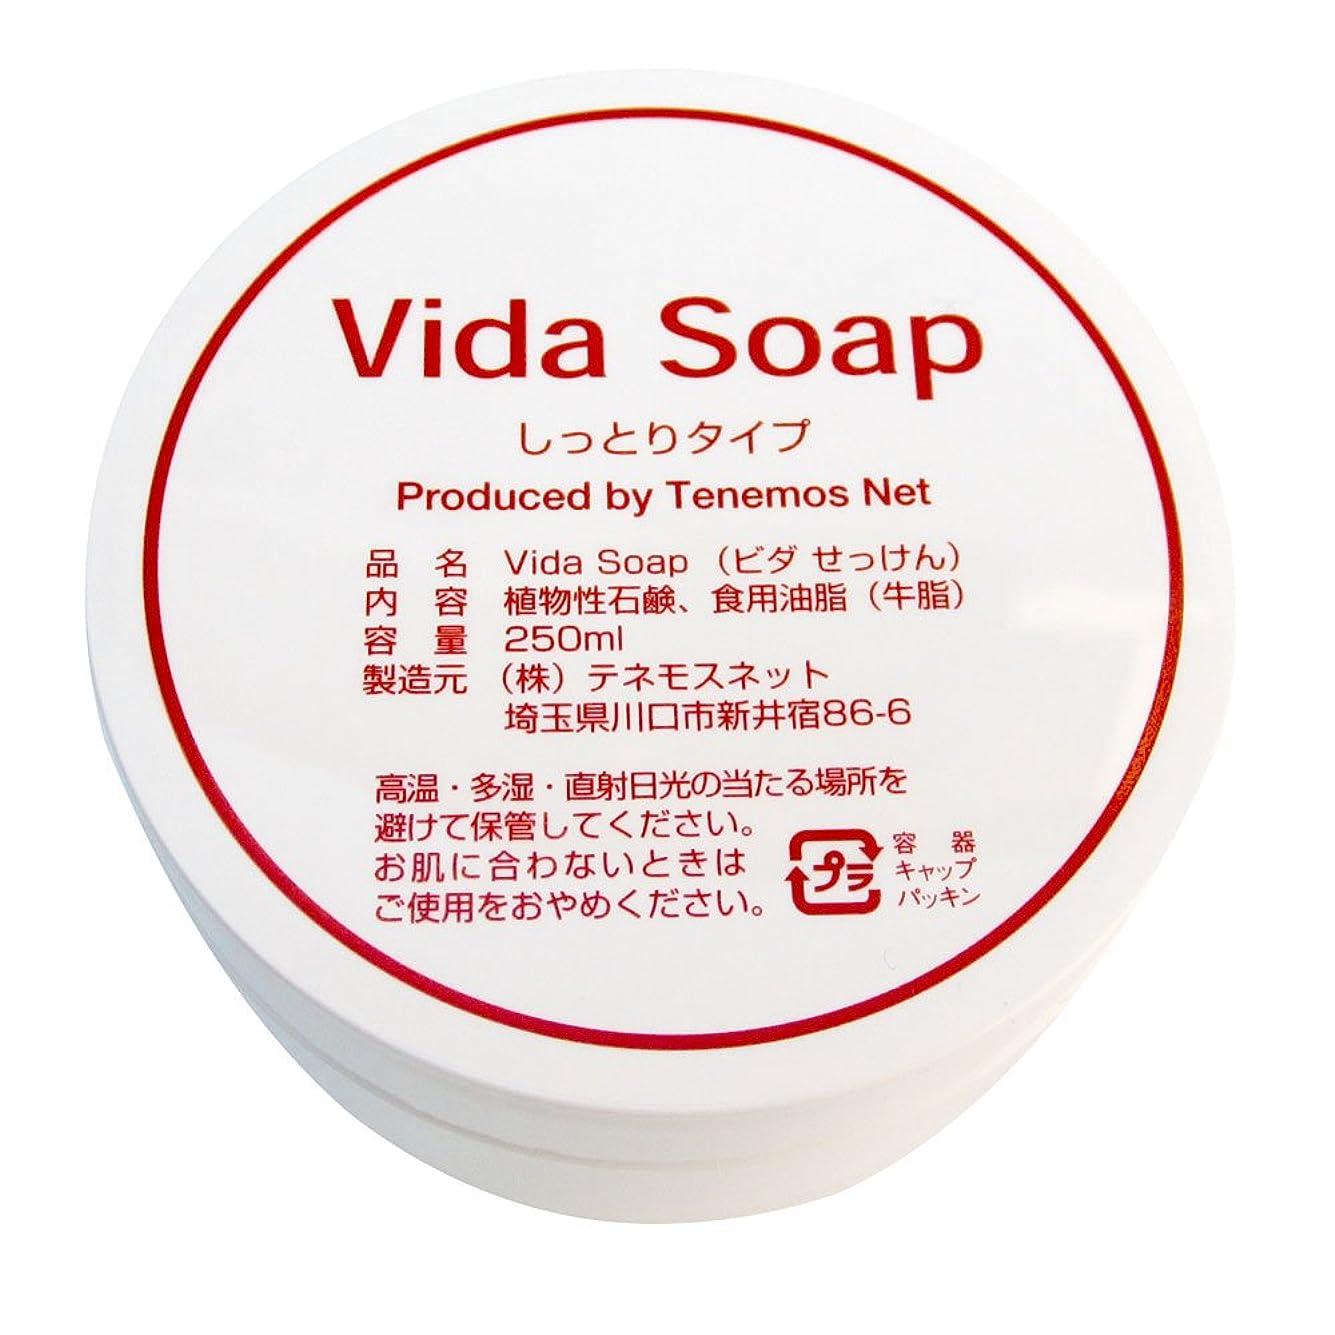 食欲キャップペンフレンドテネモス ビダせっけん Vida Soap しっとりノーマル 動物性 250ml